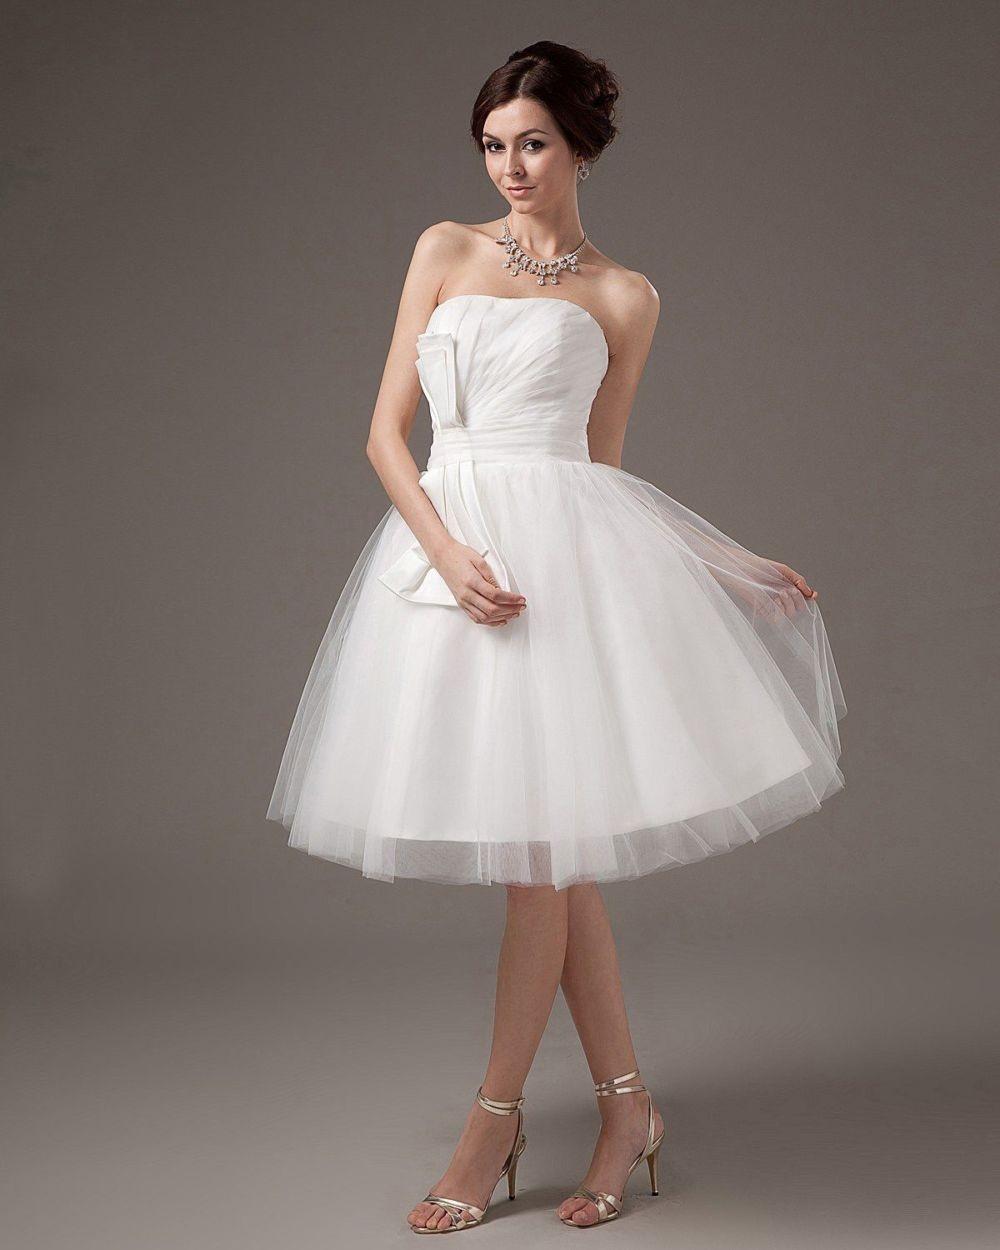 свадебная мода 2018 платье короткое пышное белое открытые плечи